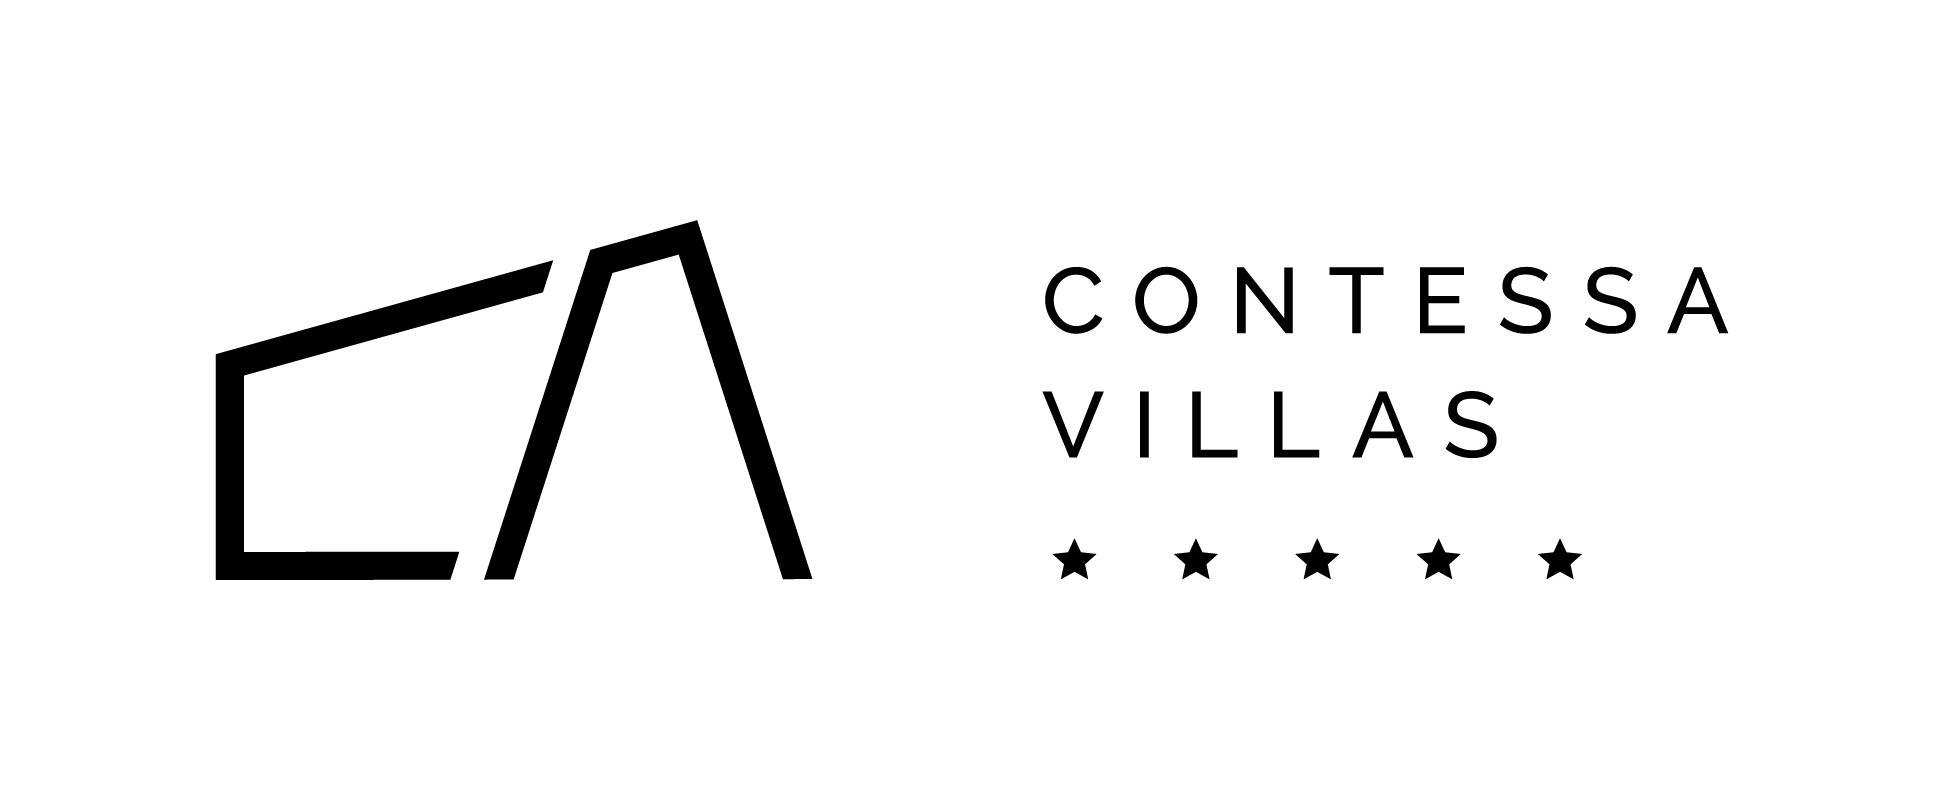 Contessa Villas - pravi partner za upravljanje vašim vilama!